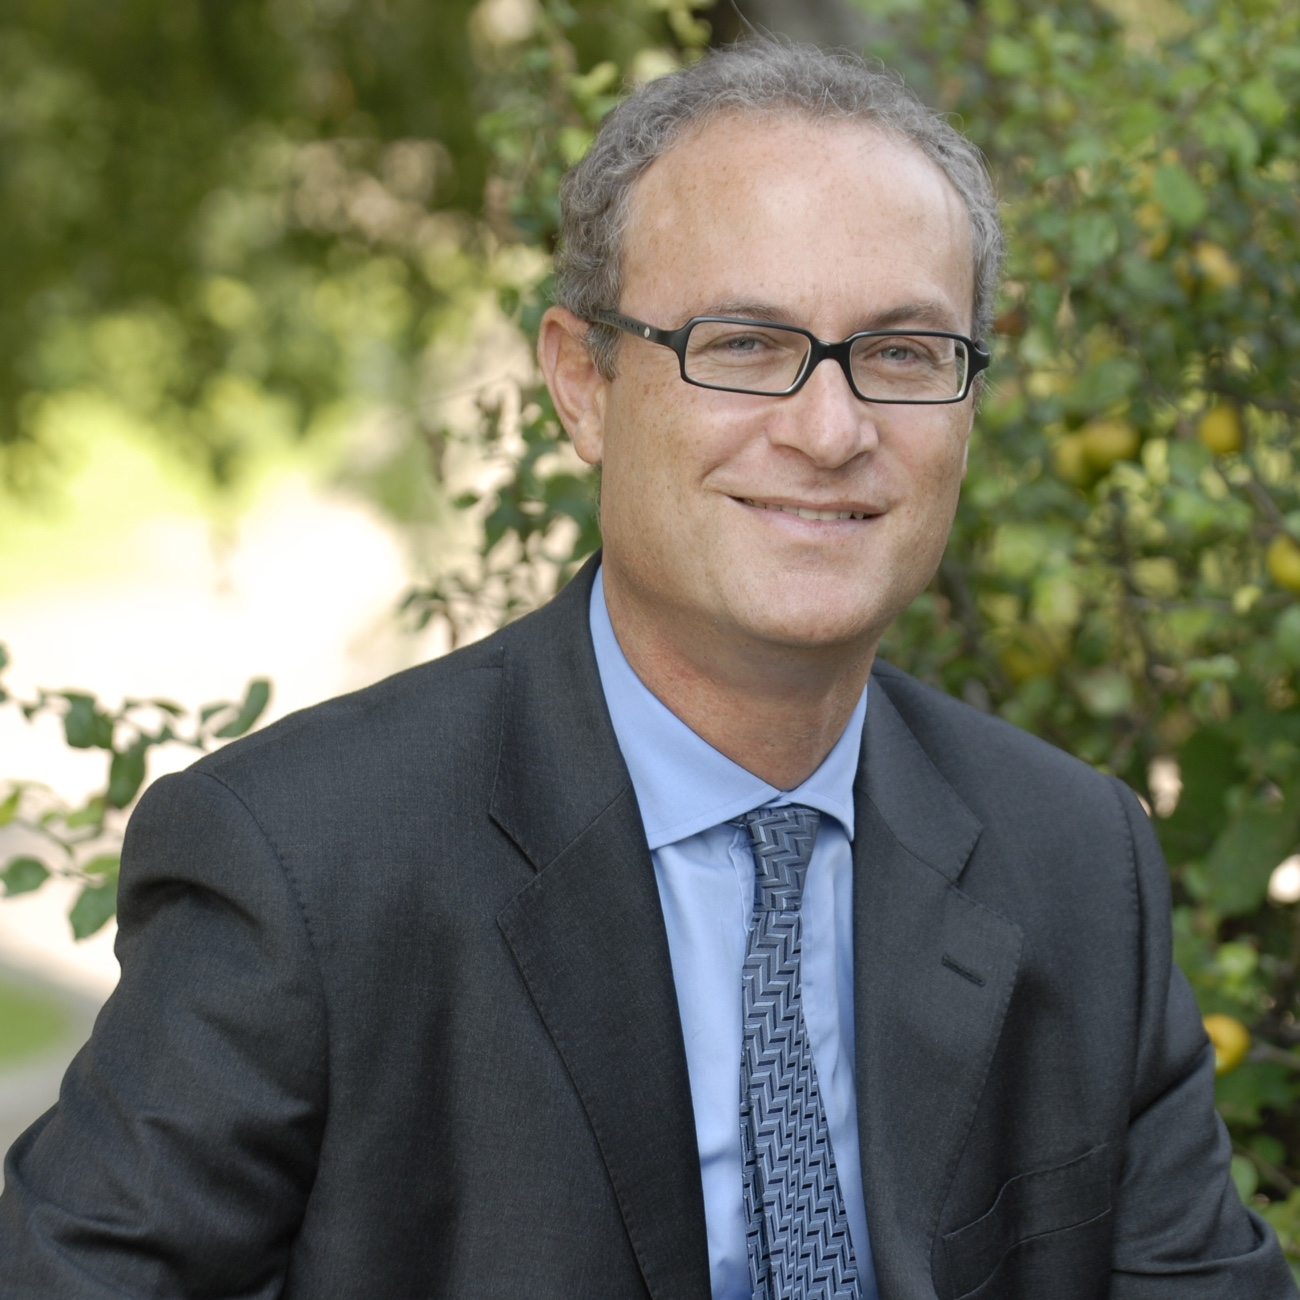 Massimiliano Tedeschi